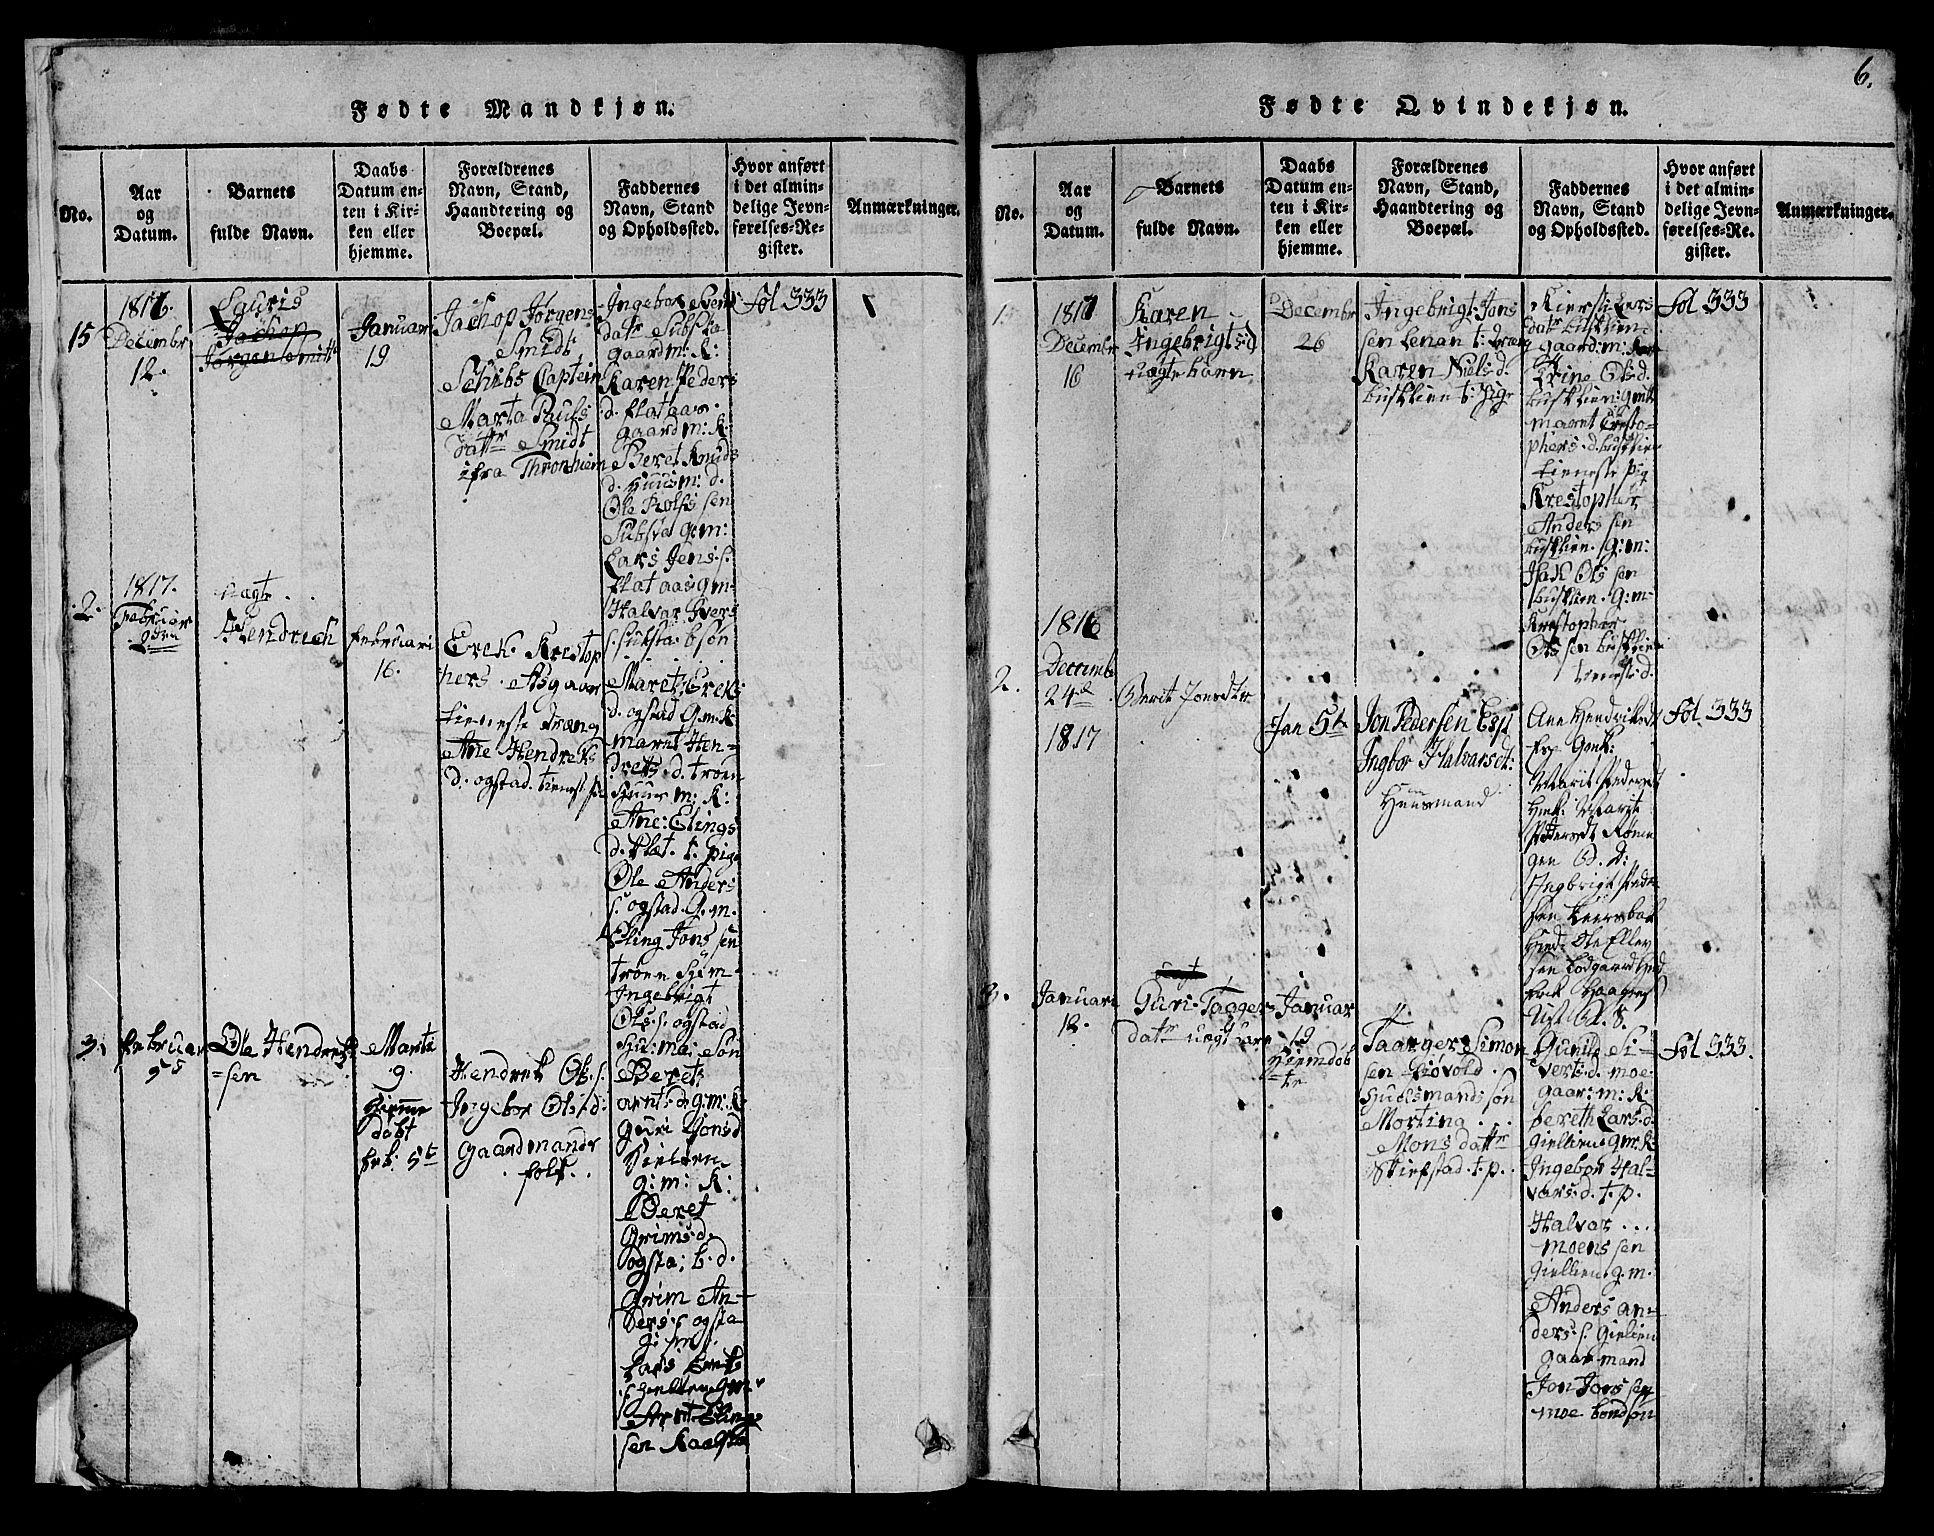 SAT, Ministerialprotokoller, klokkerbøker og fødselsregistre - Sør-Trøndelag, 613/L0393: Klokkerbok nr. 613C01, 1816-1886, s. 6